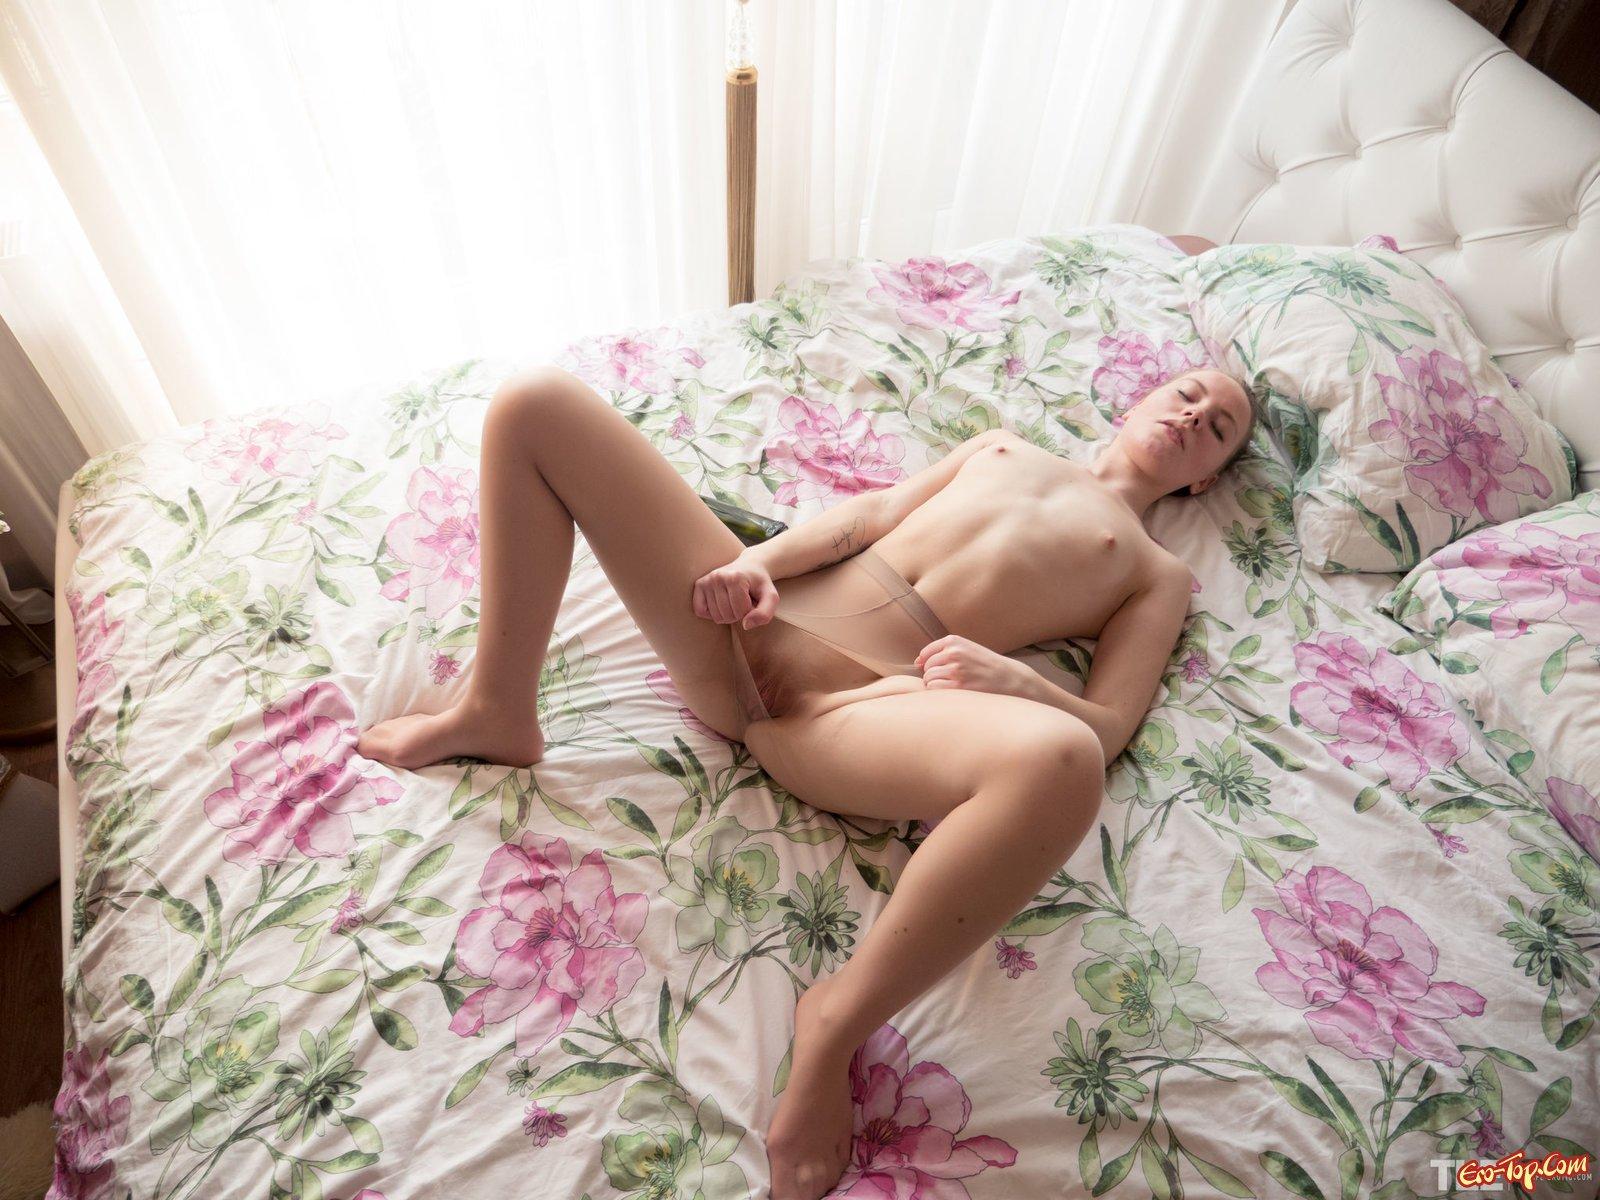 Девушка в колготах дрочит бутылкой  в лежанке секс фото